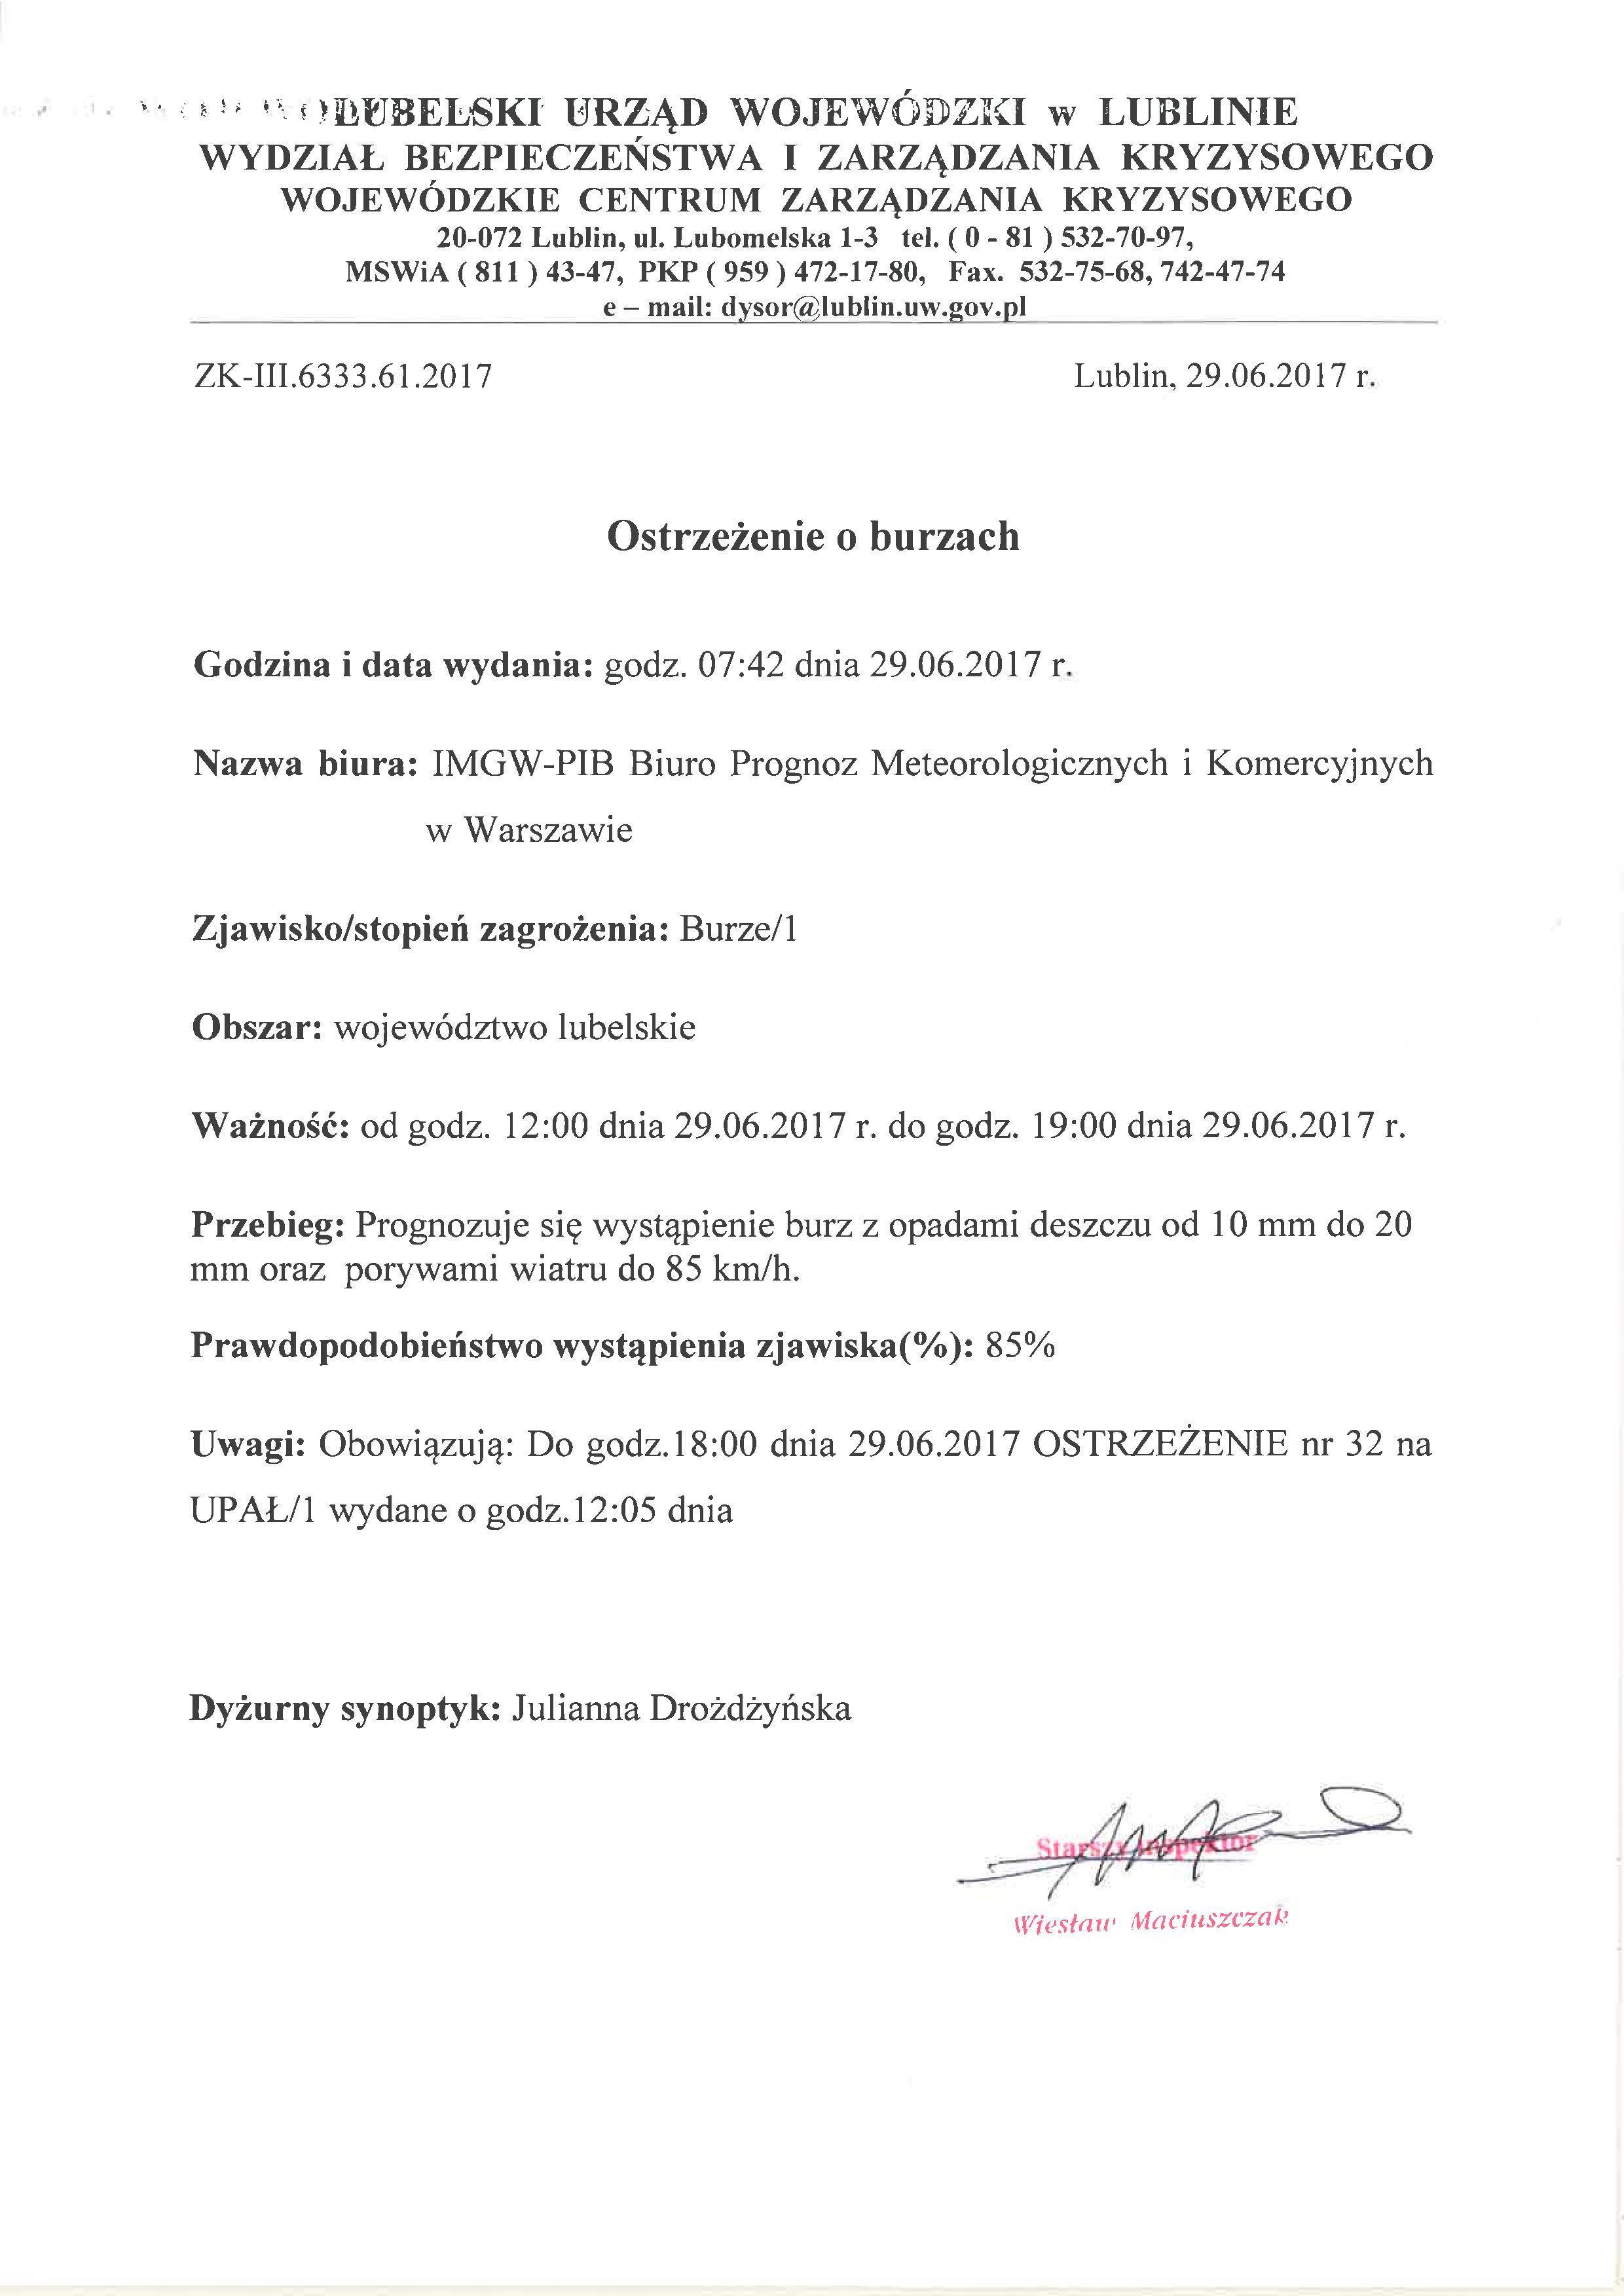 Ostrzeżenie o burzach z dn. 29.06.2017 r.